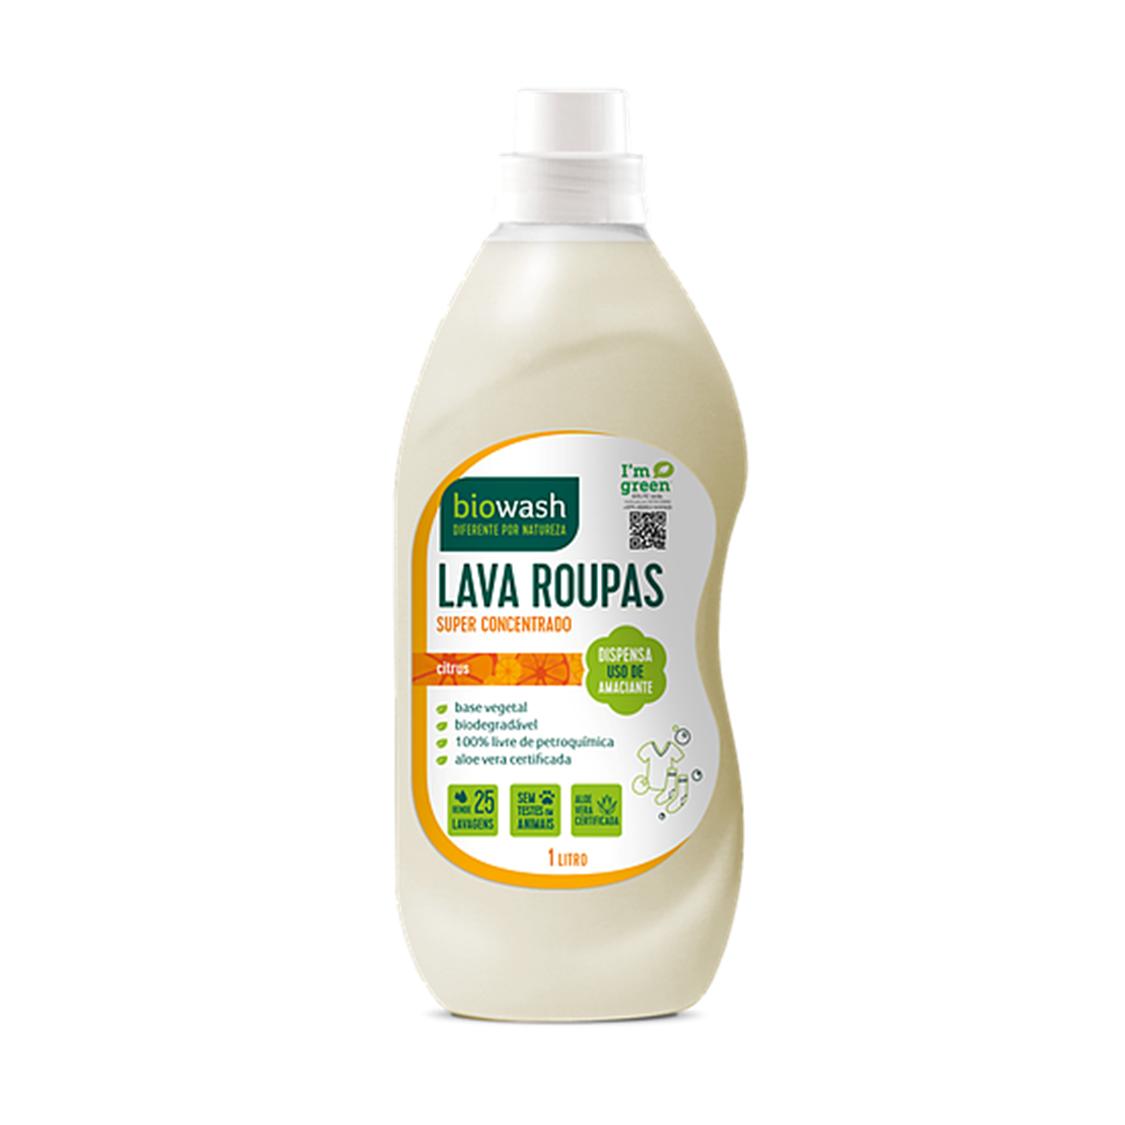 Lava Roupas Citrus (1L) – Biowash